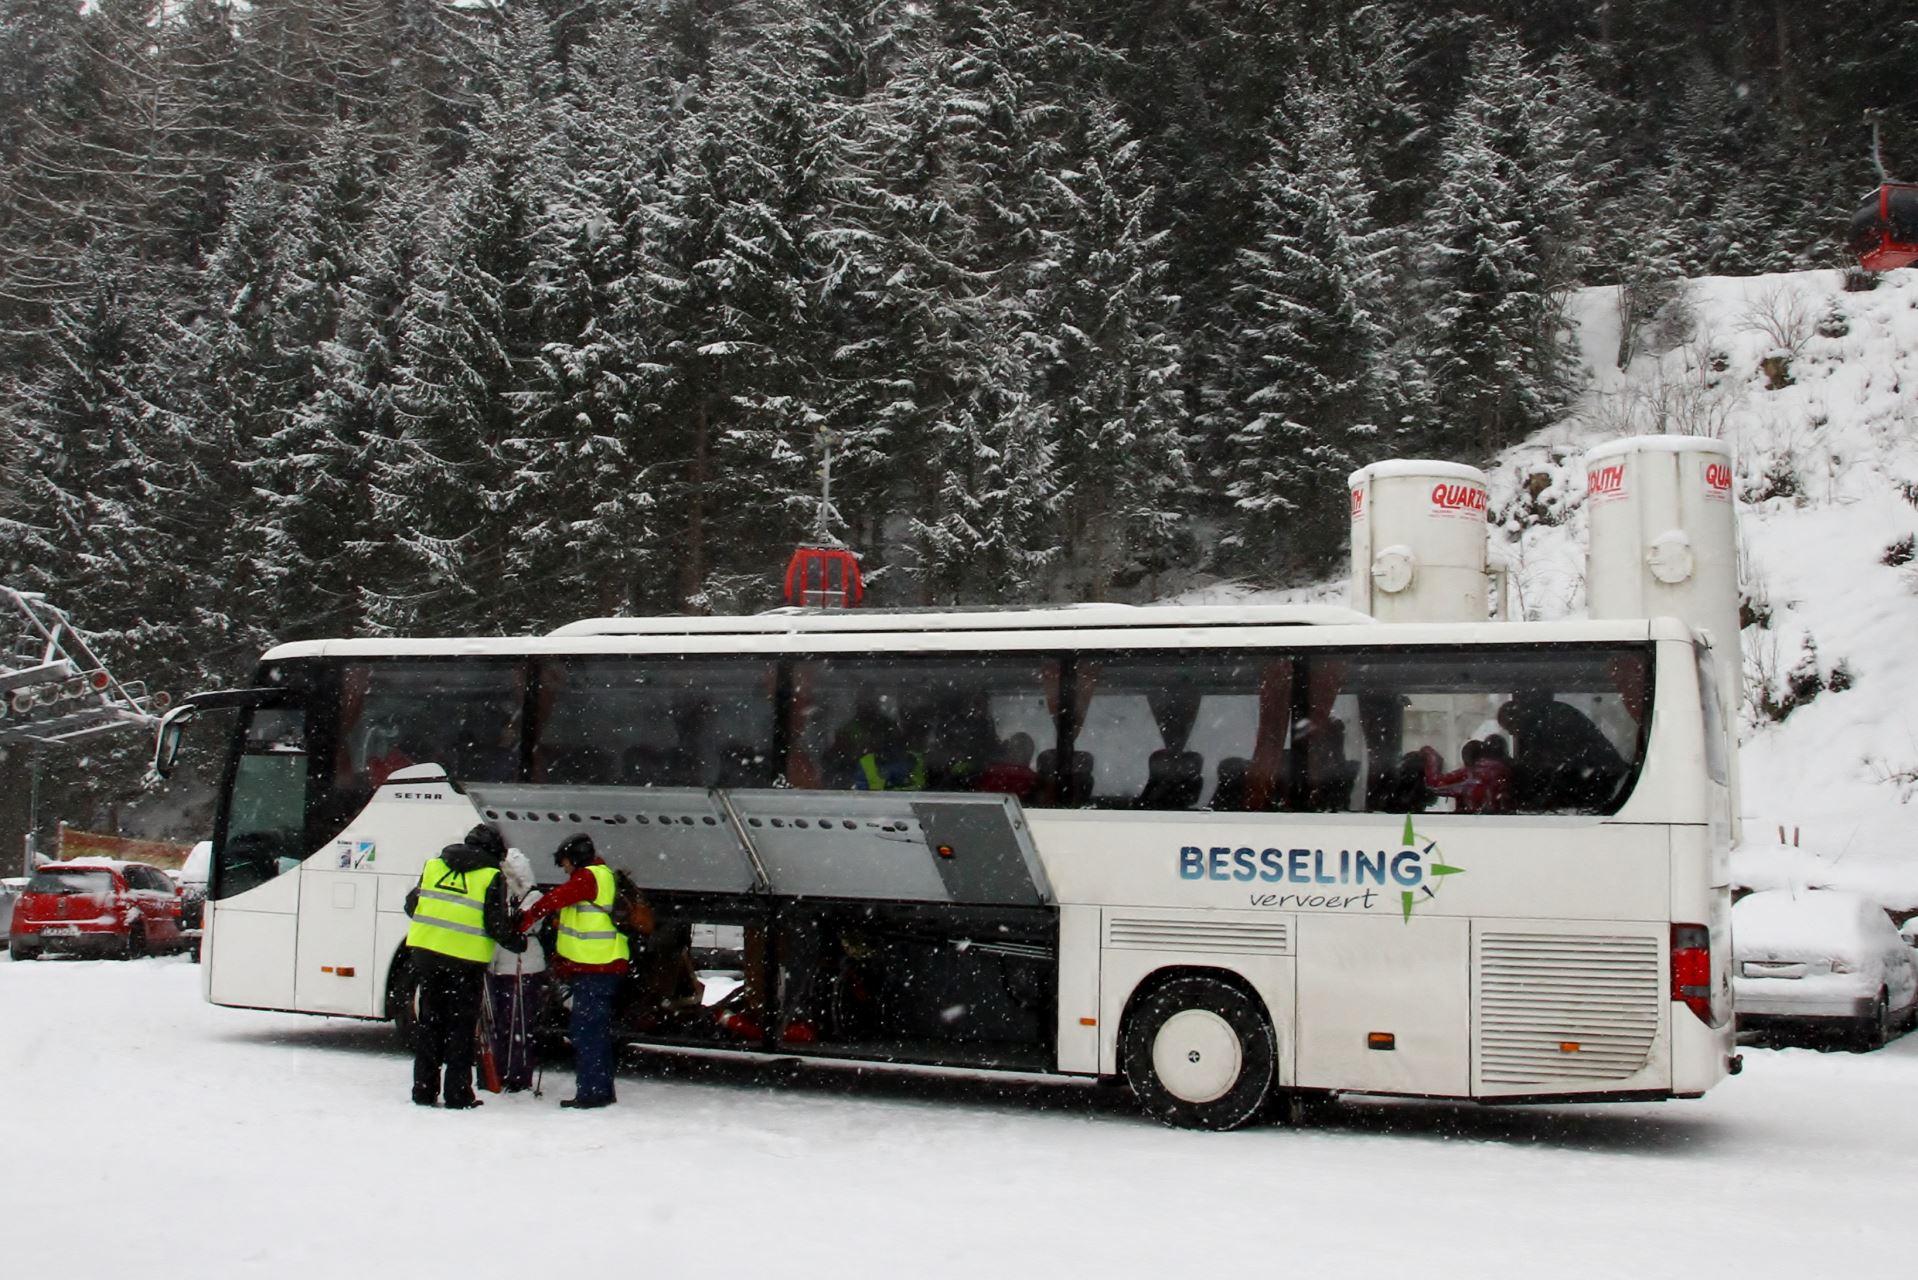 De reizen vinden plaats per bus. Deze bus staat de hele week ter beschikking